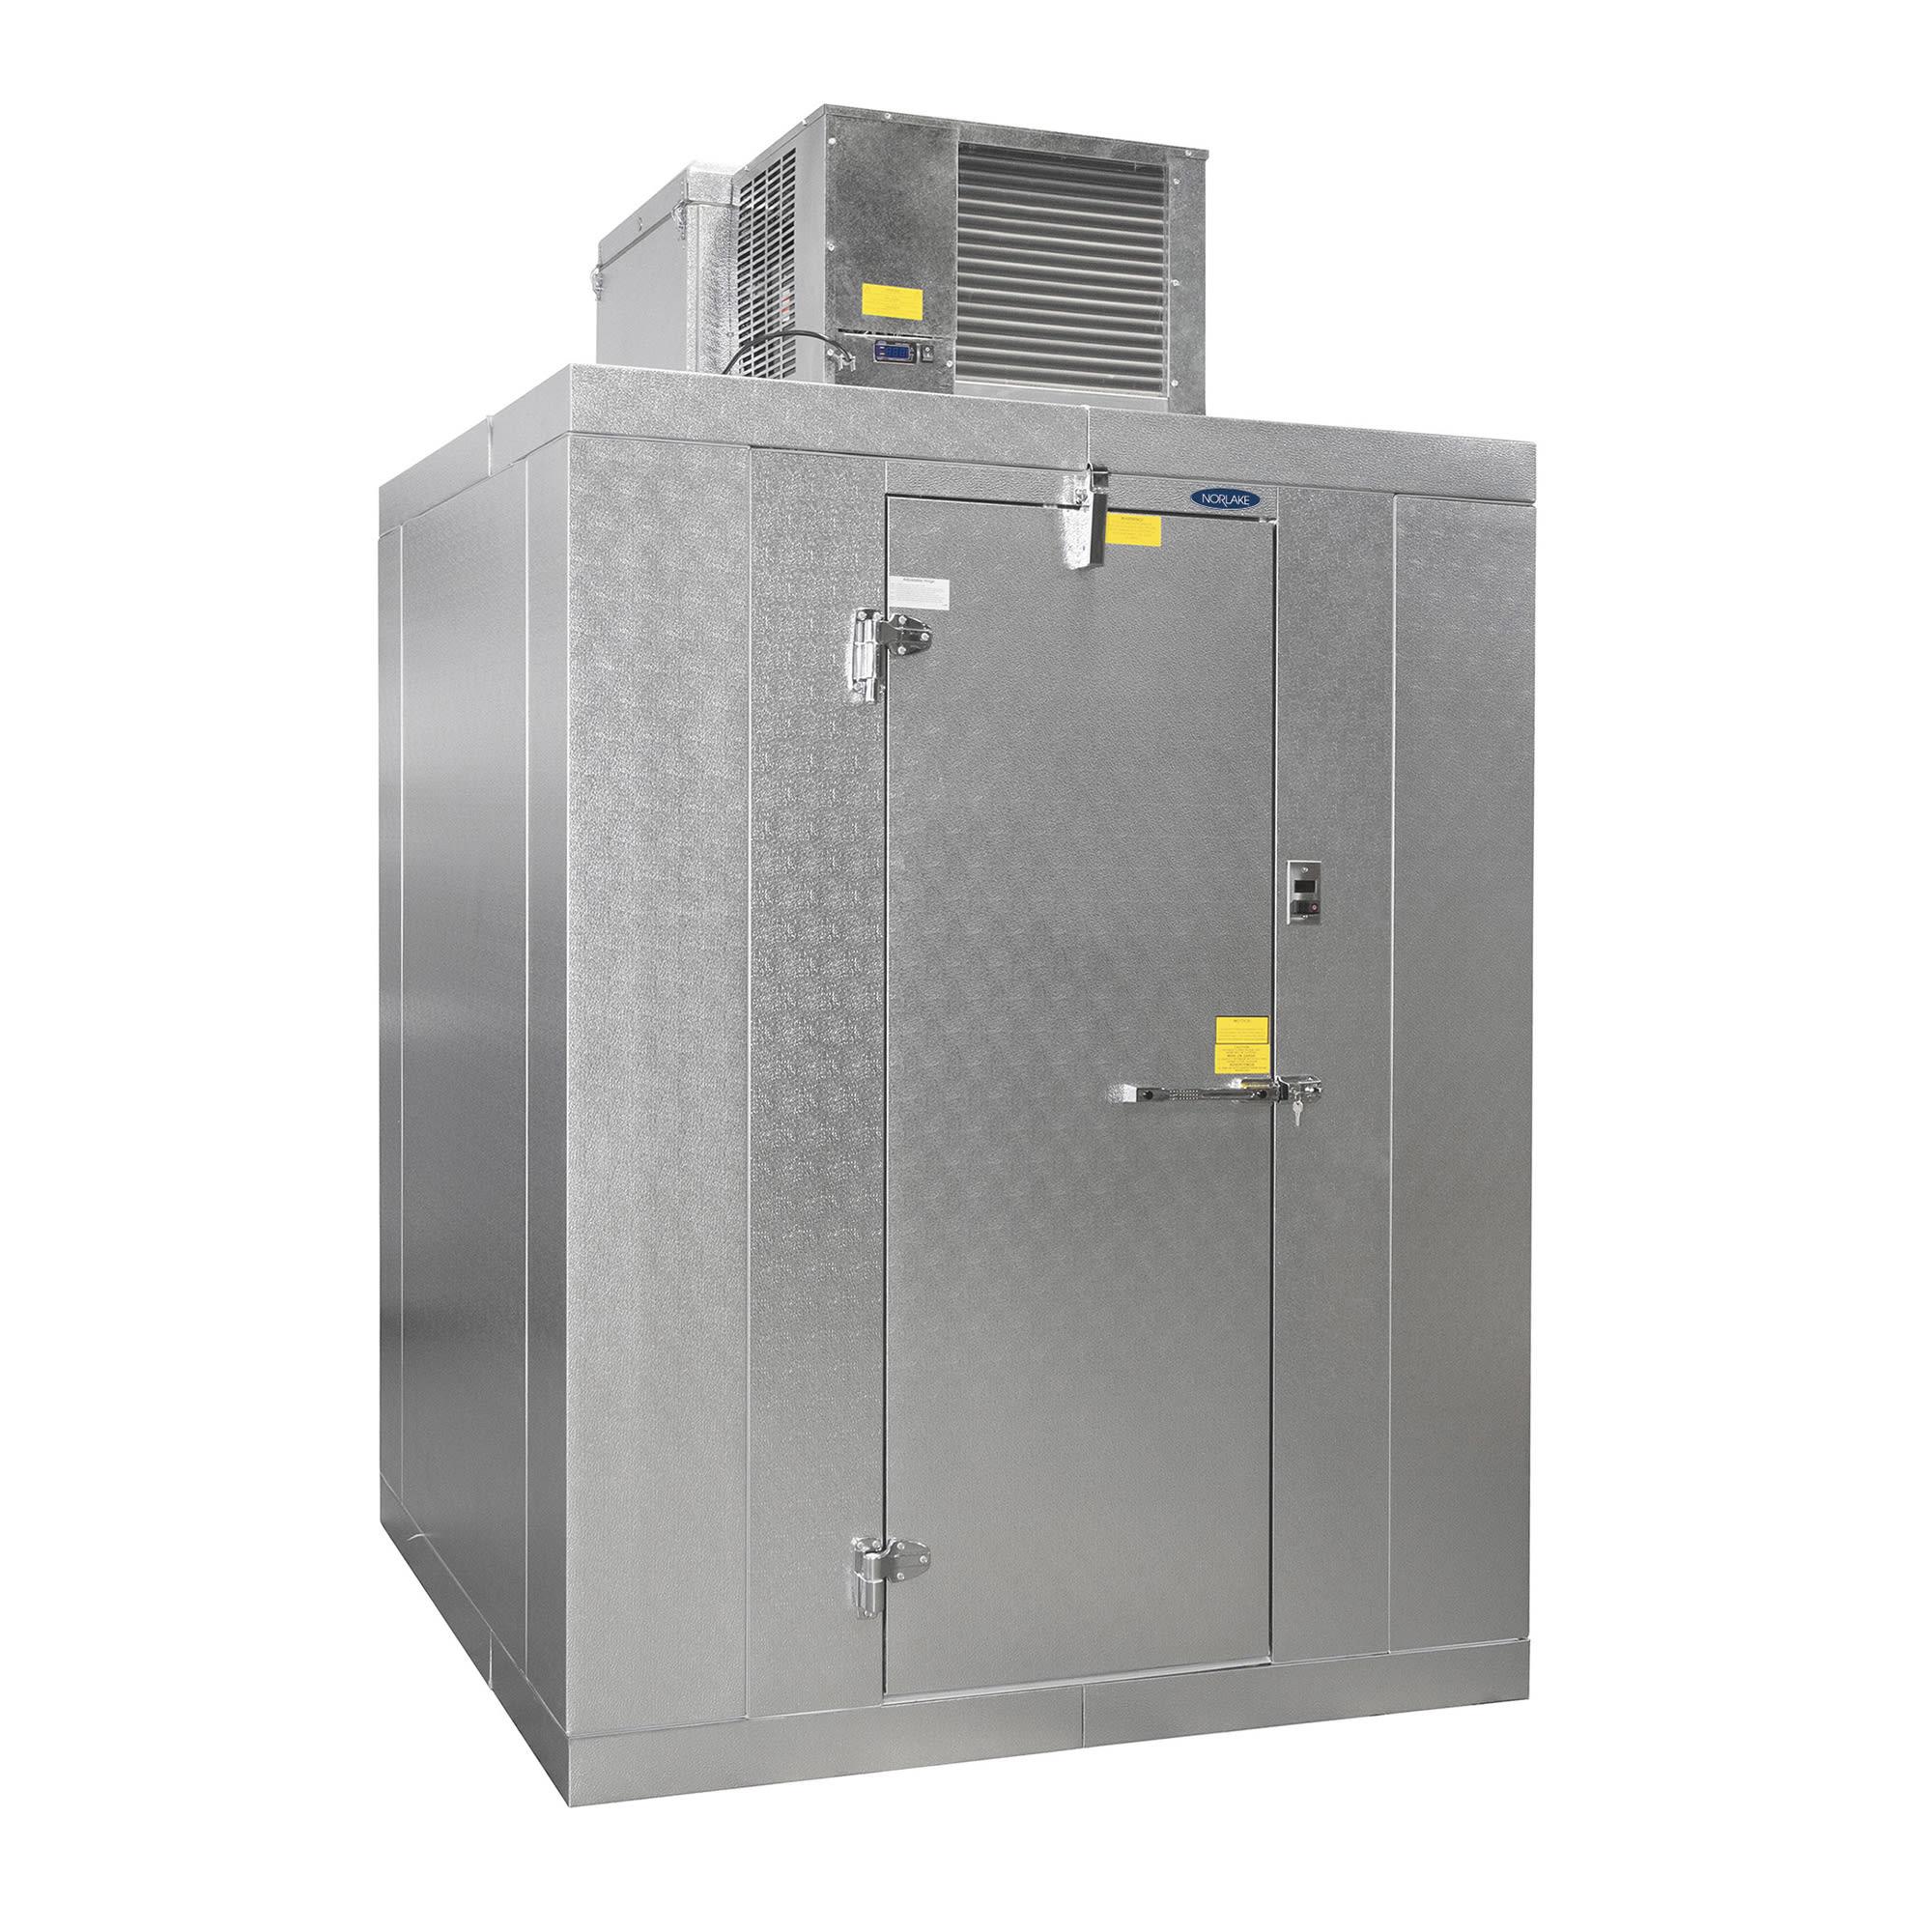 Norlake KODF7768-C Outdoor Walk-In Freezer w/ Top Mount Compressor, 6' x 8'